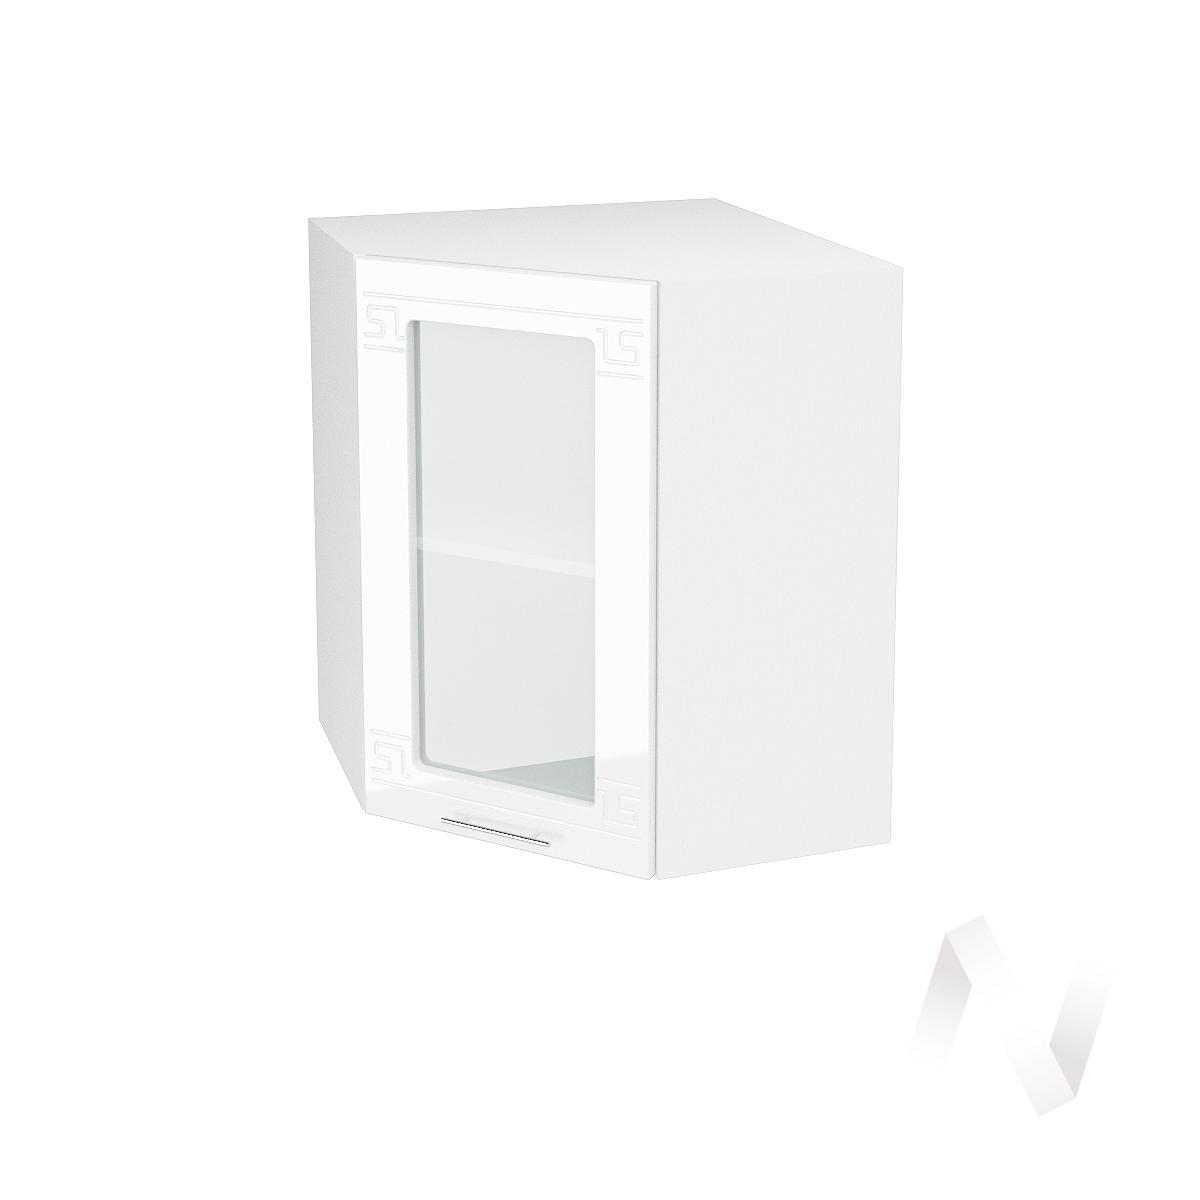 """Кухня """"Греция"""": Шкаф верхний угловой со стеклом 590, ШВУС 590 (белый металлик/корпус белый)"""